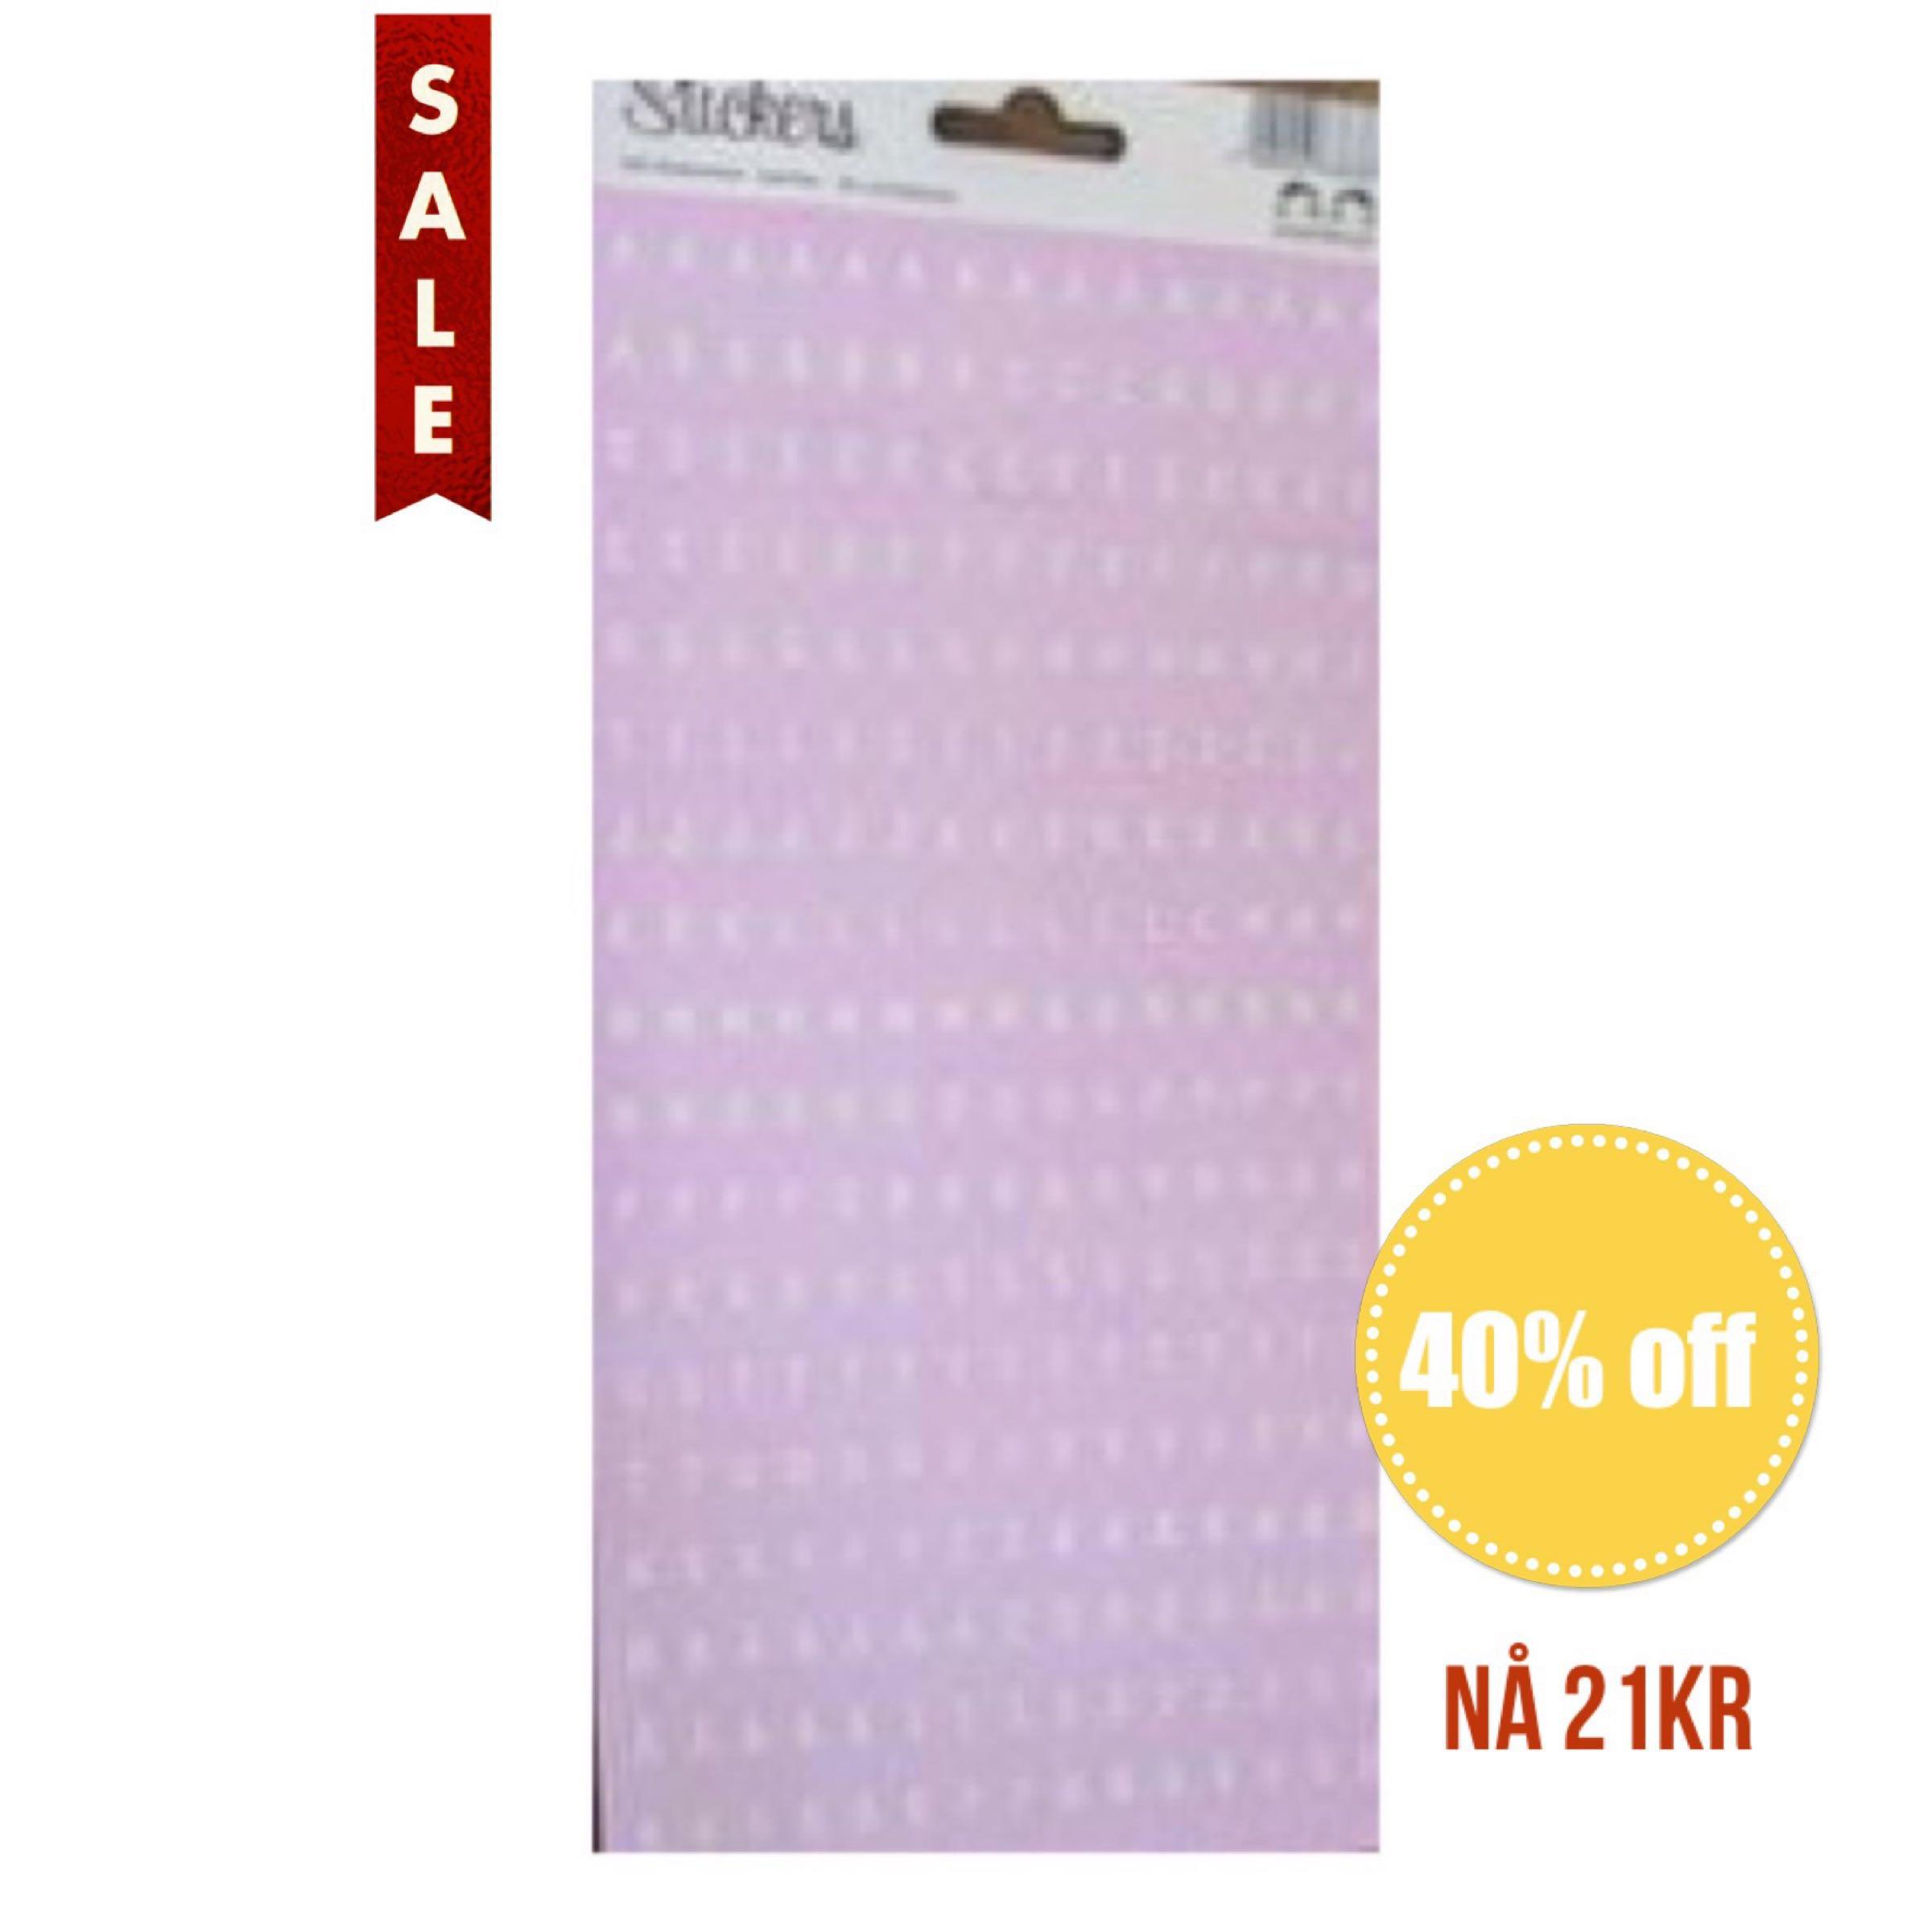 Papirdesign Alphabet Stickers / Klistremerker Alfabet - Rosa / Pink